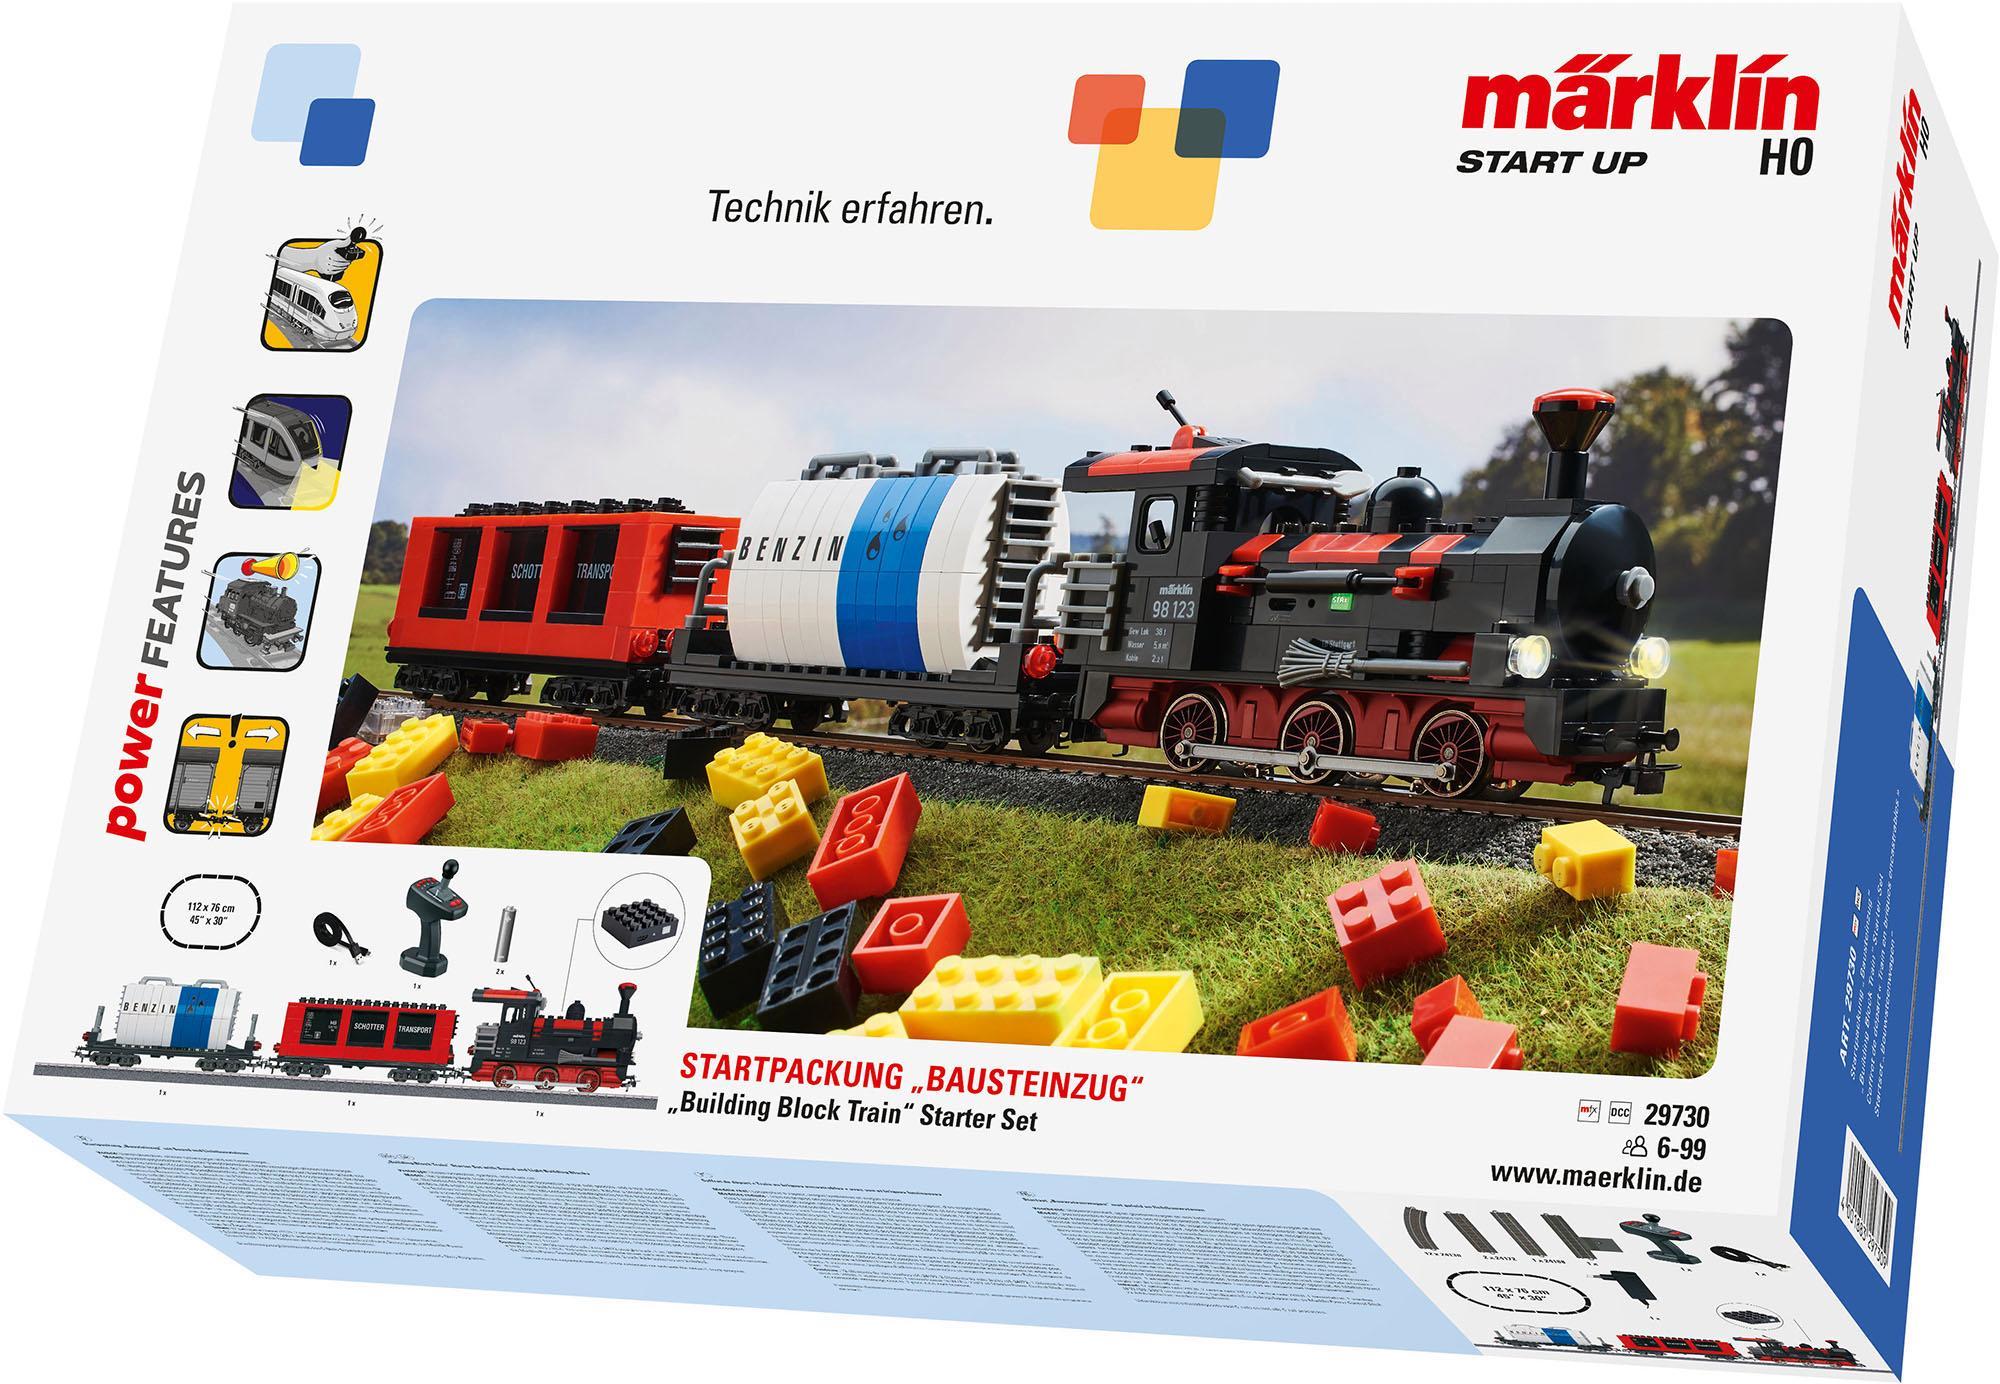 Märklin Spielzeugeisenbahn-Set Märklin Start up - Startpackung Bausteinzug mit Sound und Lichtfunktion - 29730, Spur H0, (Set)